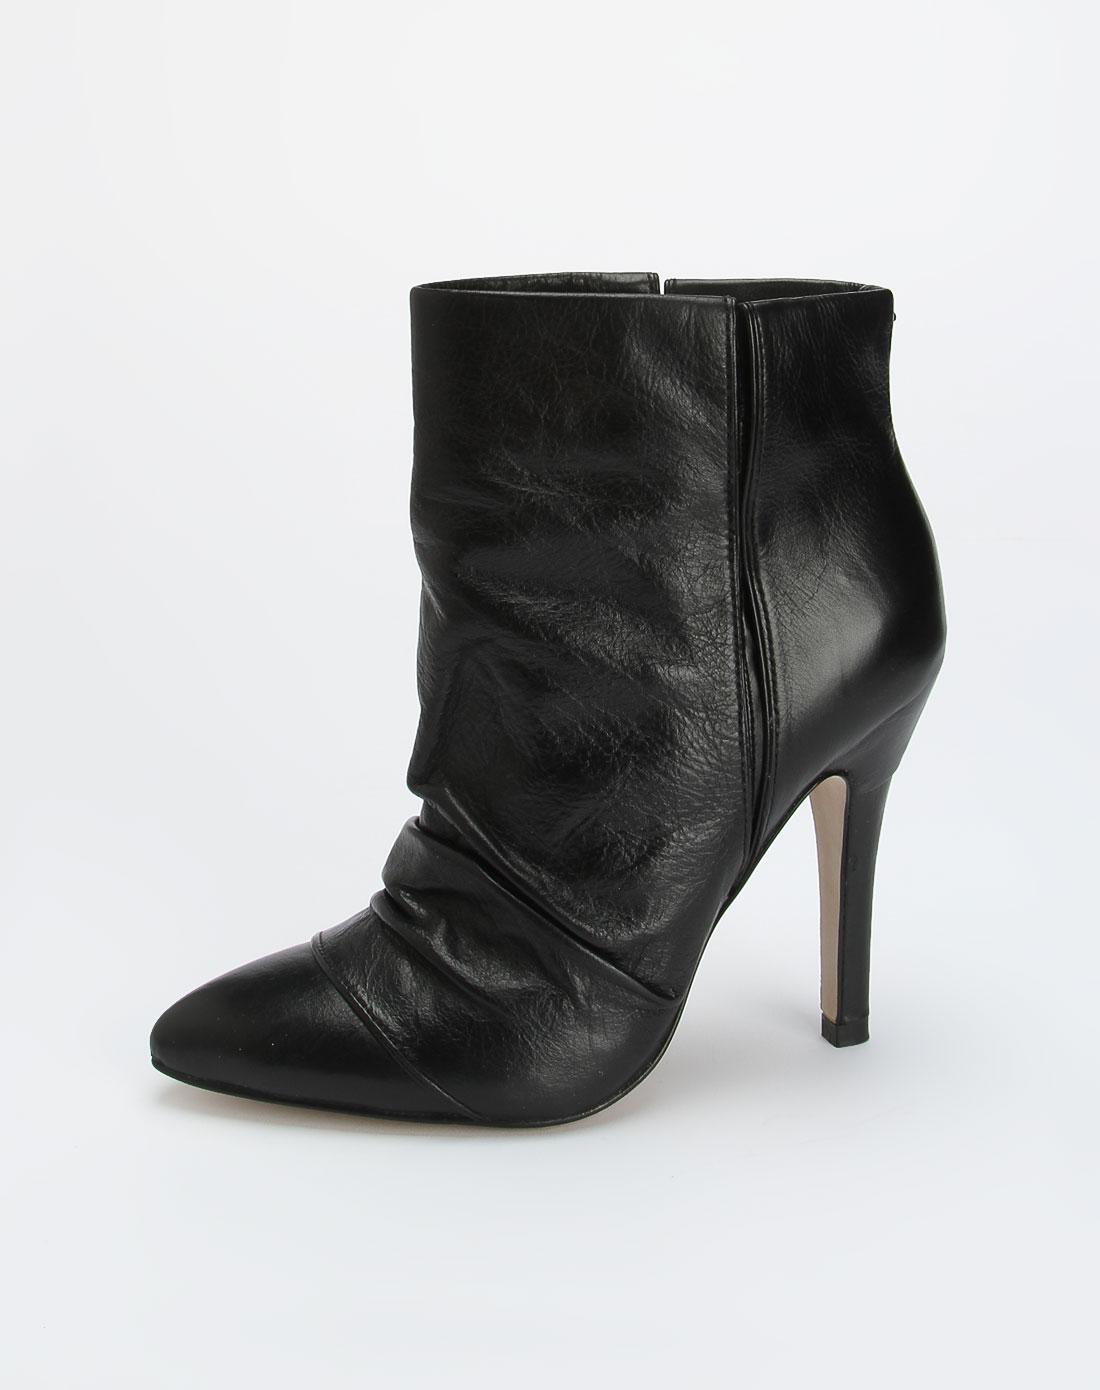 玖熙nine west 女款黑色个性高跟皮鞋